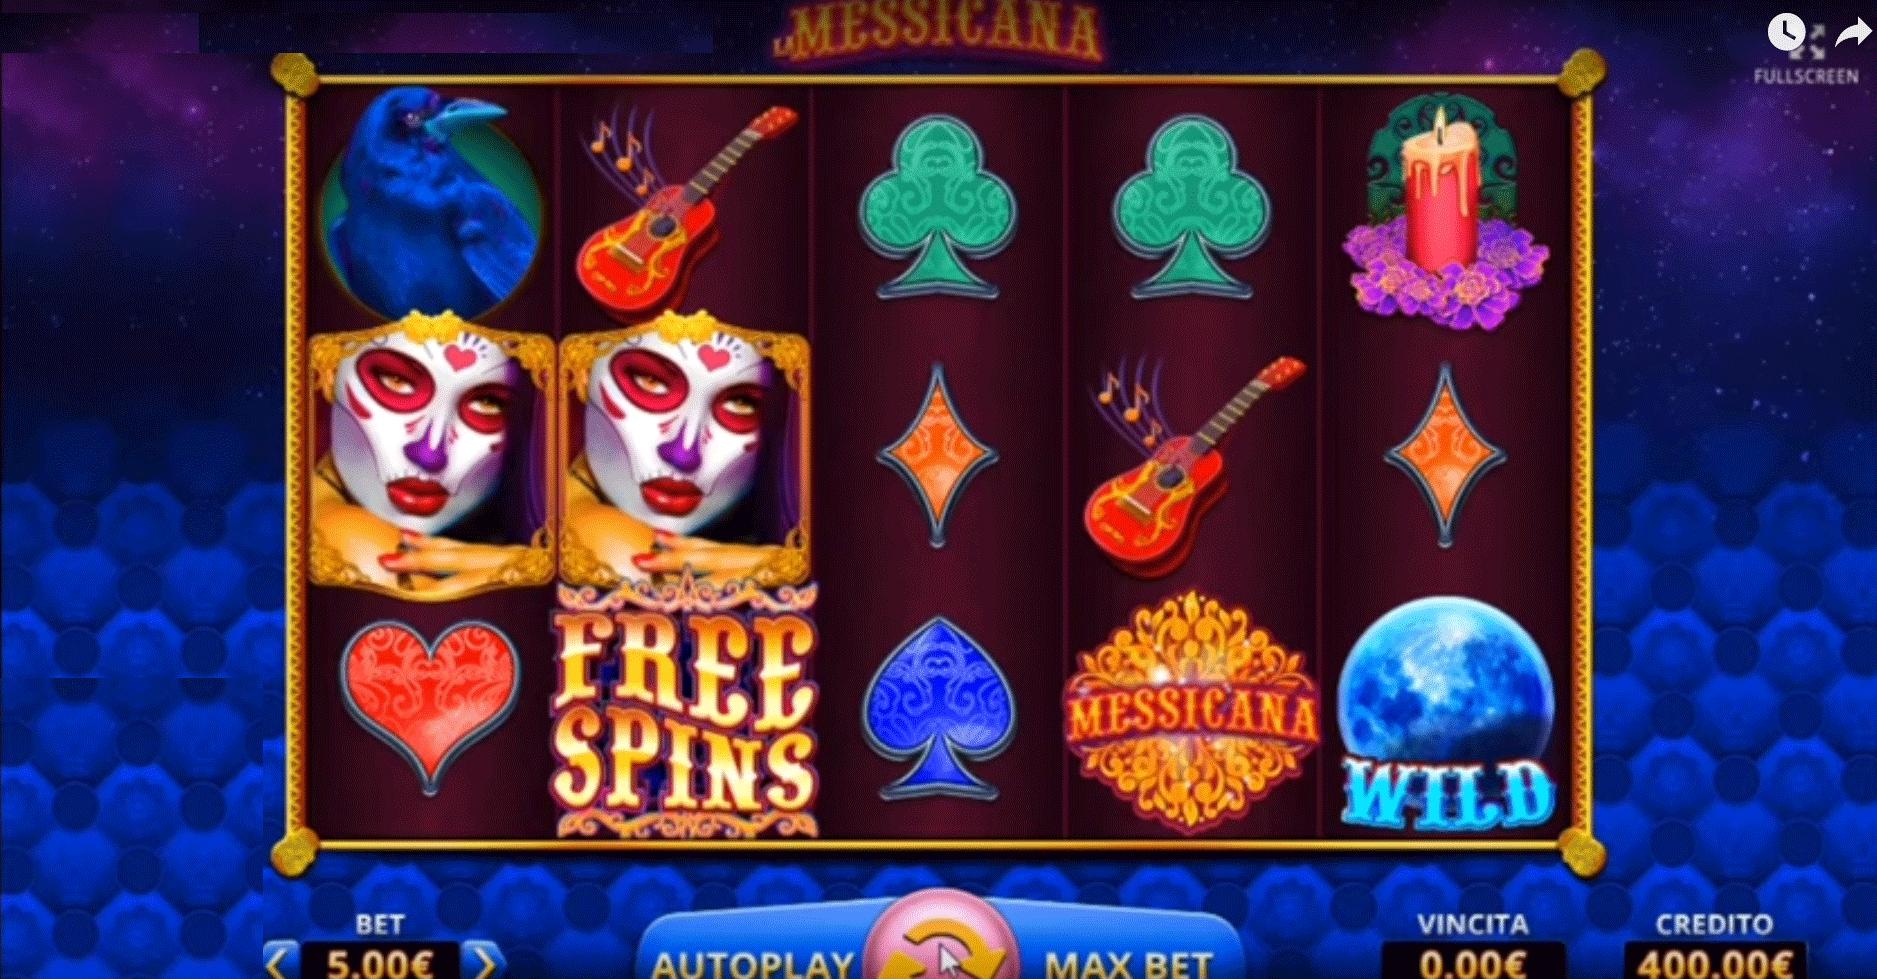 Slot La Messicana